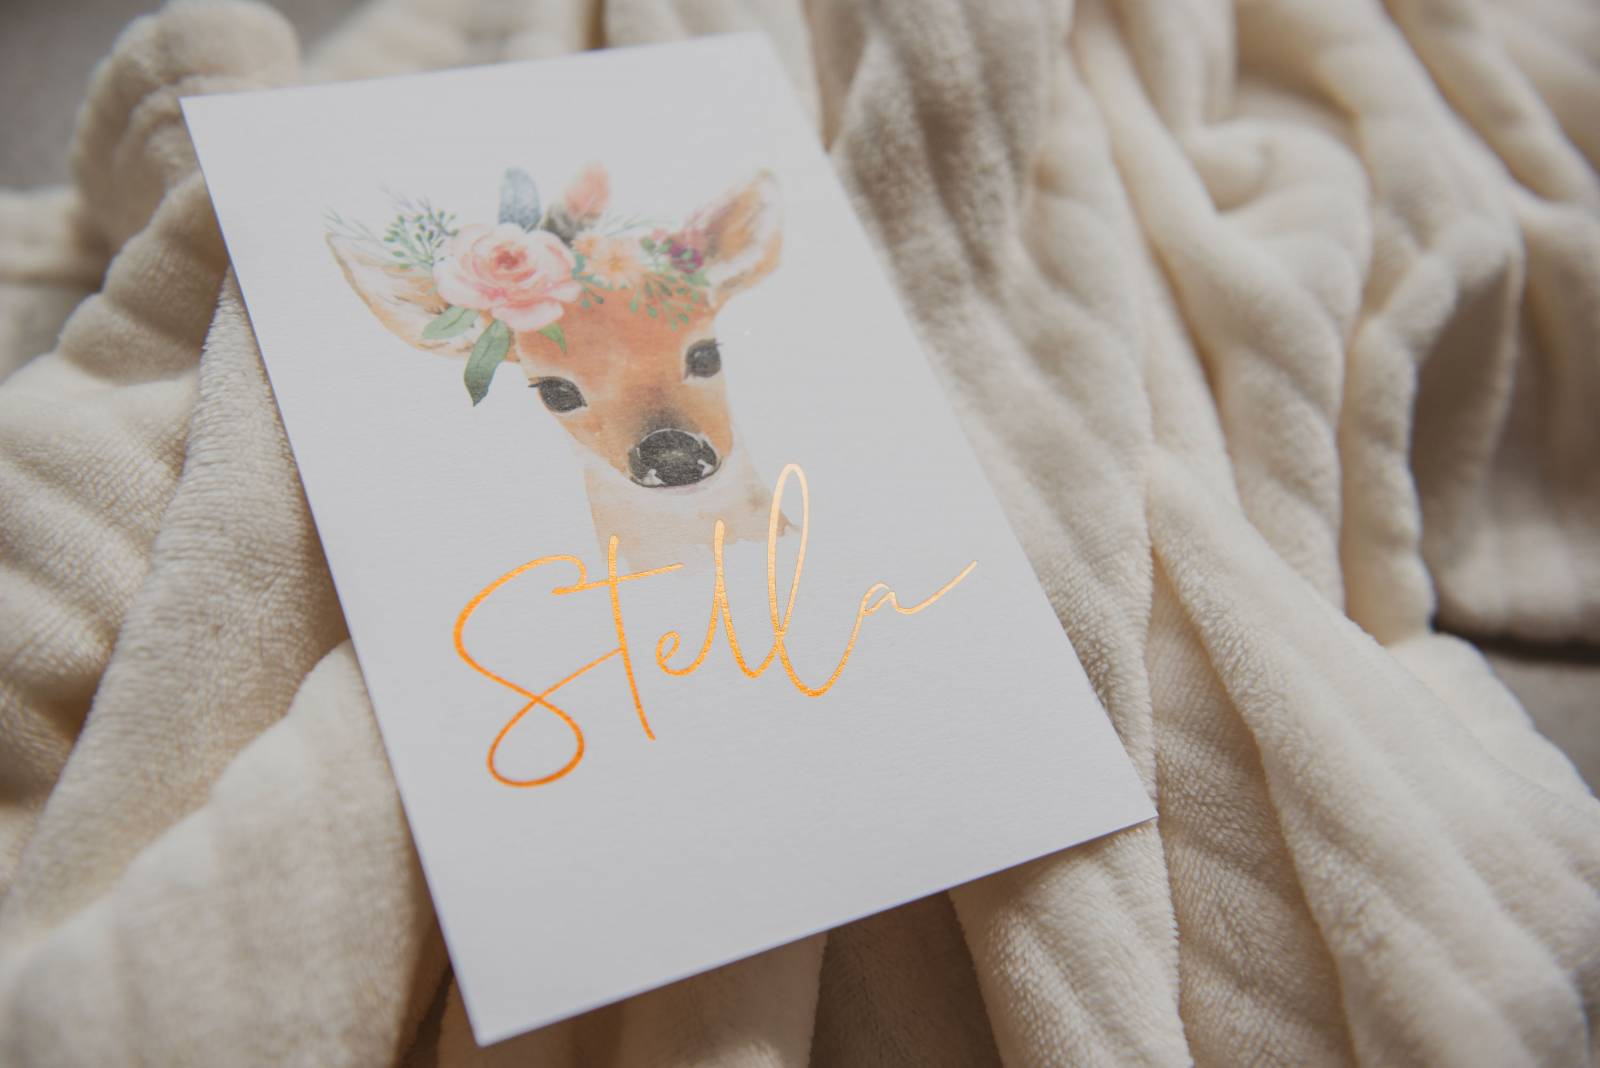 Atelier Maurice - Celien Decloedt - Trouwuitnodigingen en drukwerk - House of Weddings 2